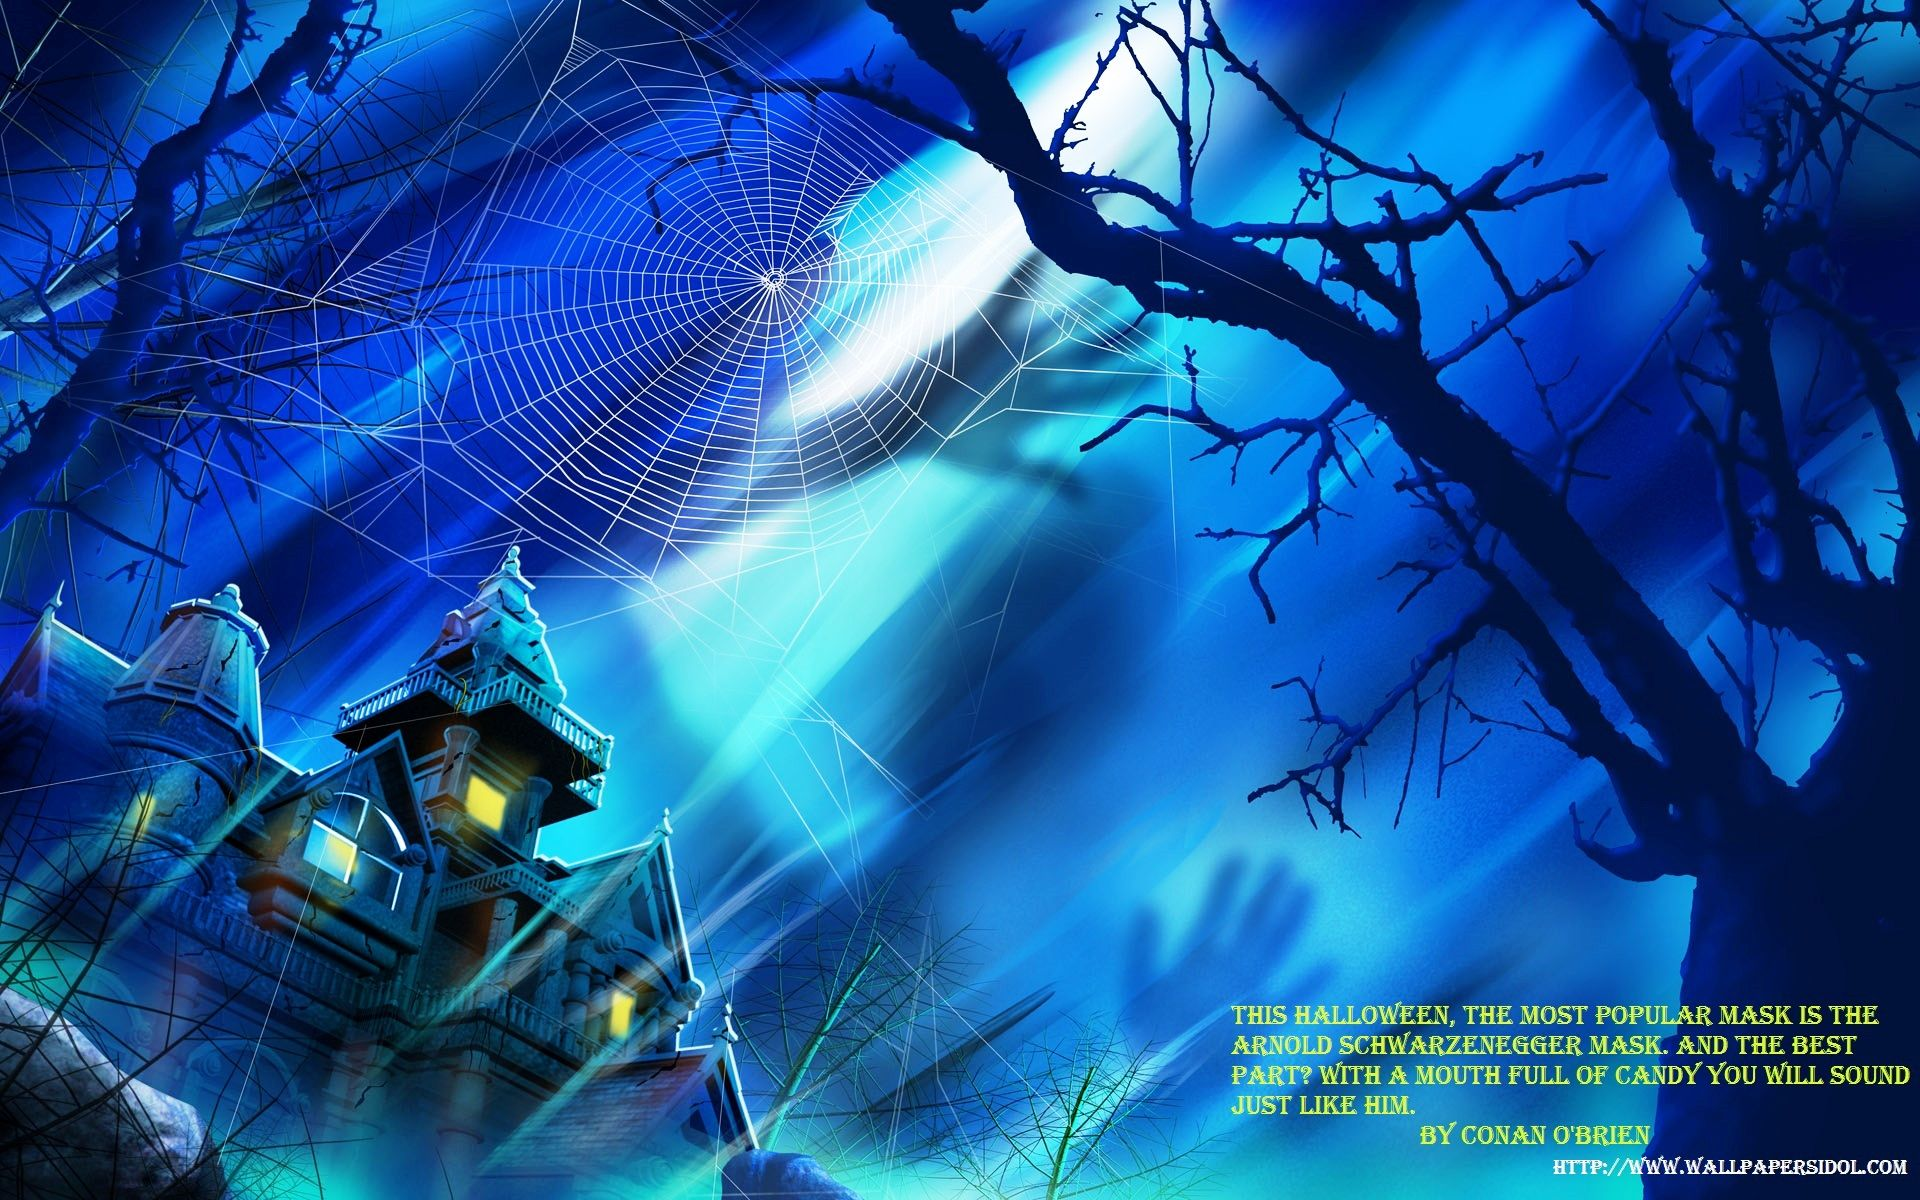 Beautiful Wallpaper Halloween Unique - 1085328090ec9b8bfd7792176fbca9dc  Photograph_663831.jpg